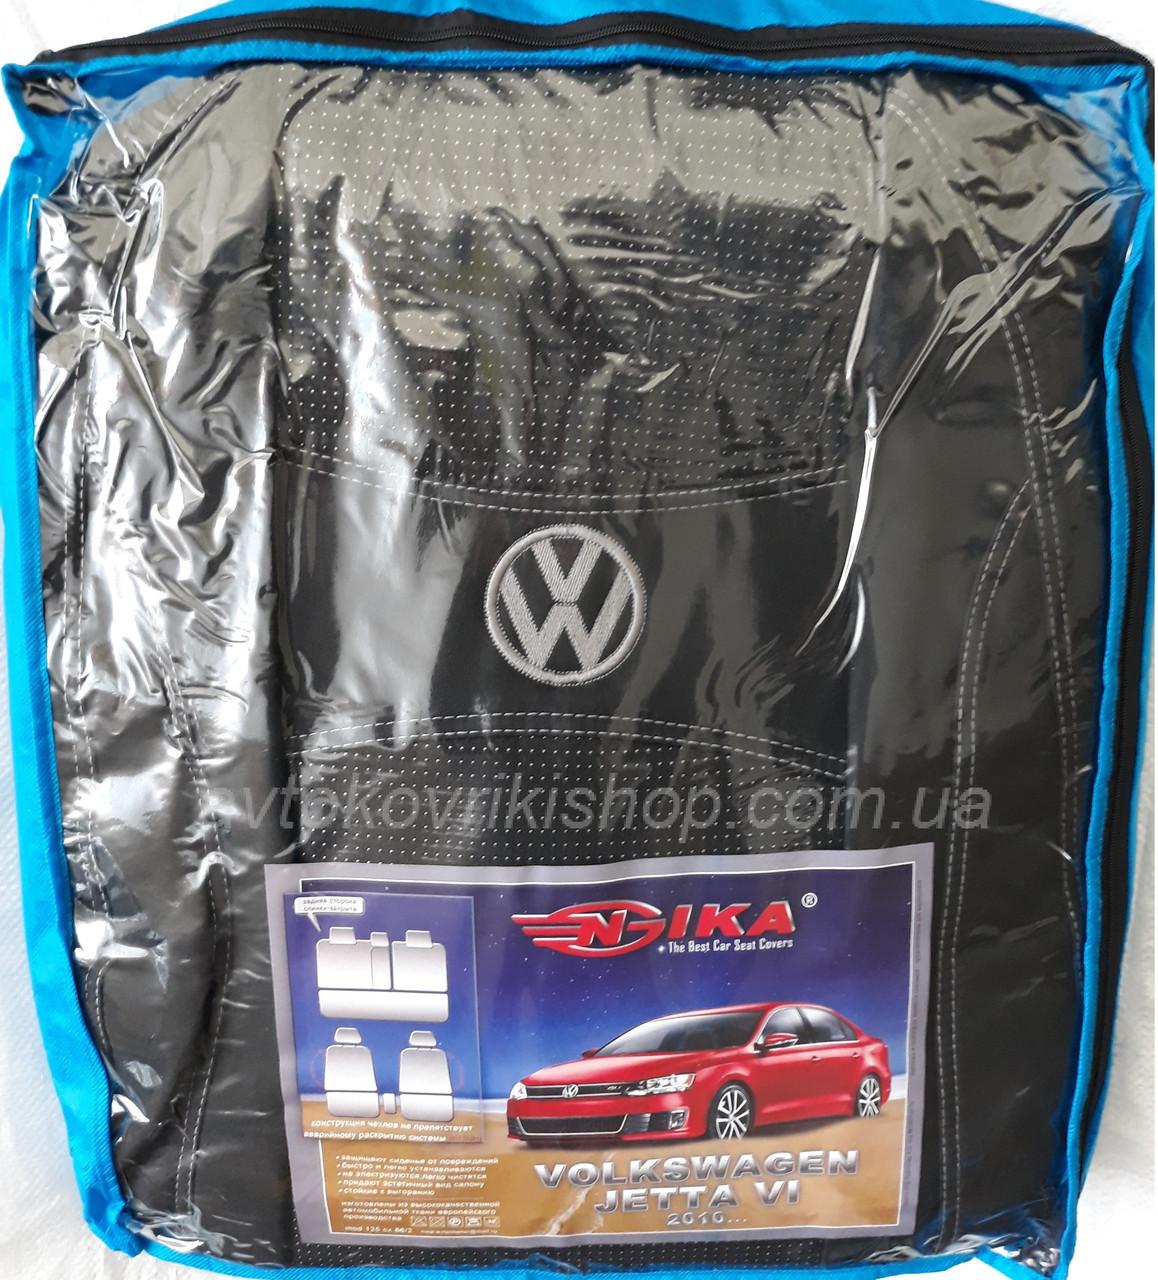 Авточехлы Volkswagen Jetta VI 2010- Nika